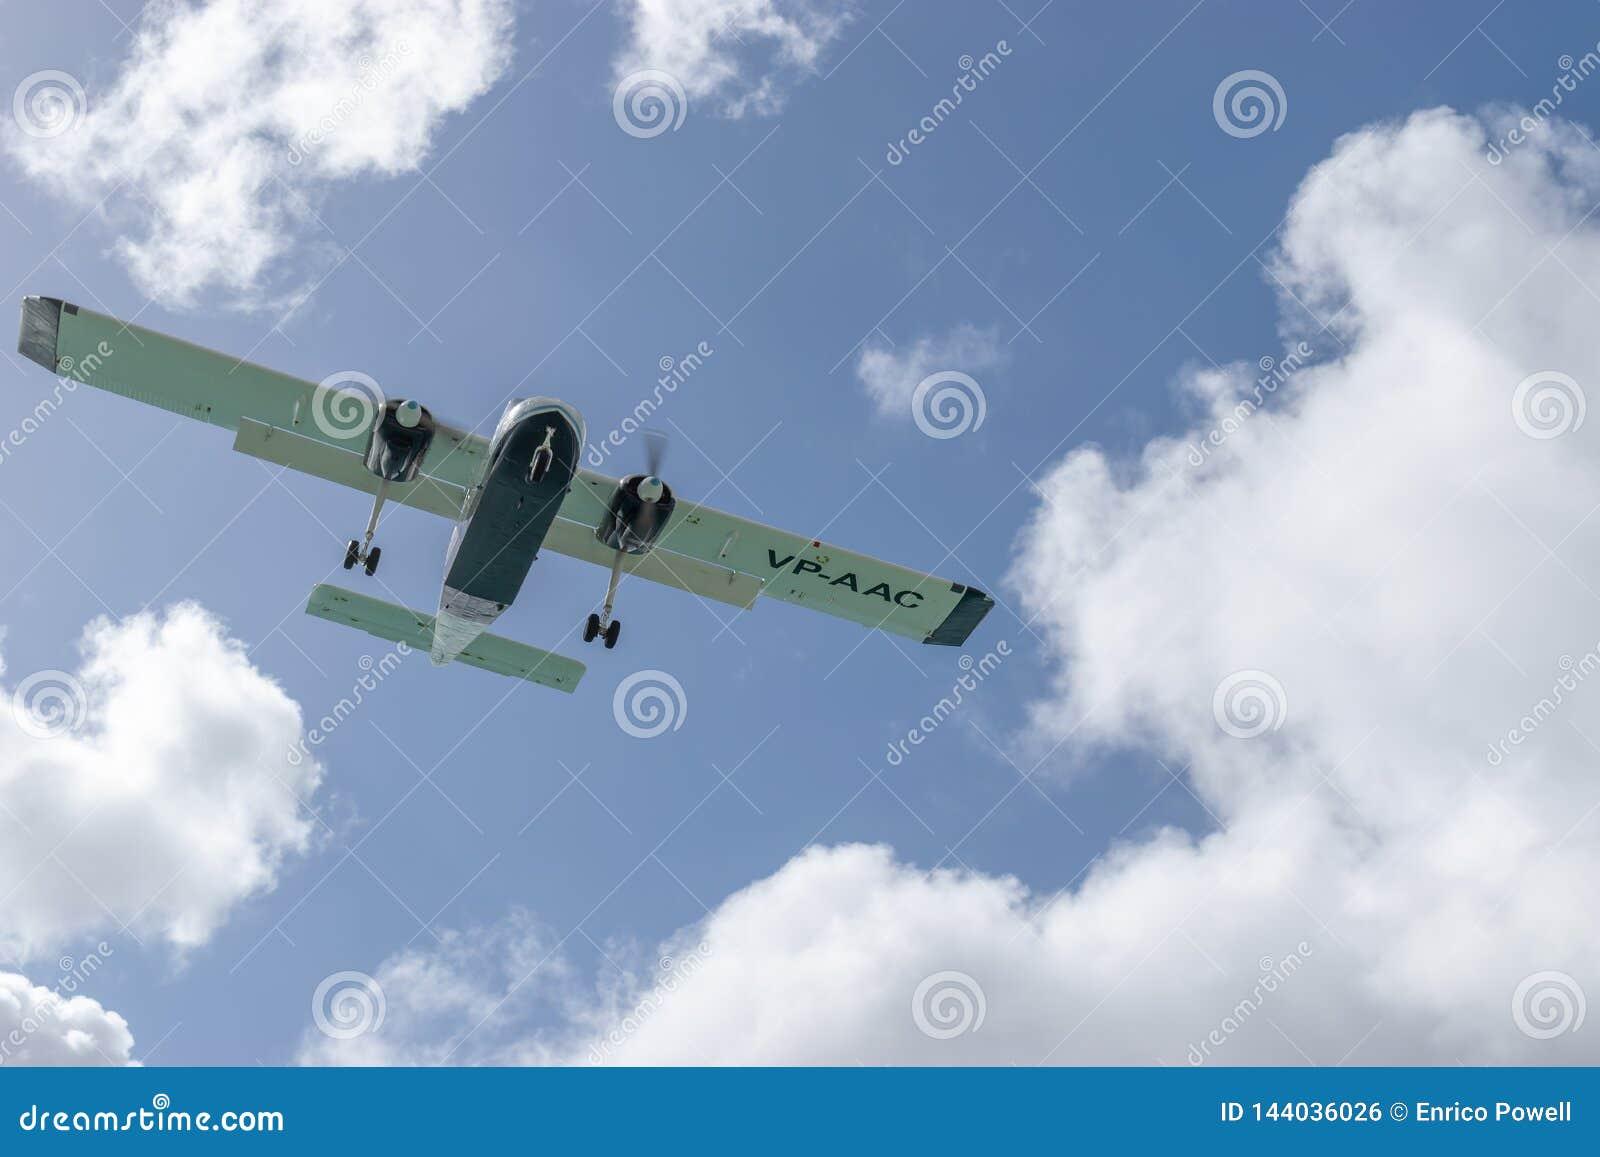 Воздушные судн VP-AAC света островитянинина AAS Britten-Норман BN-2a служб воздушных сообщений Ангильи общего назначения